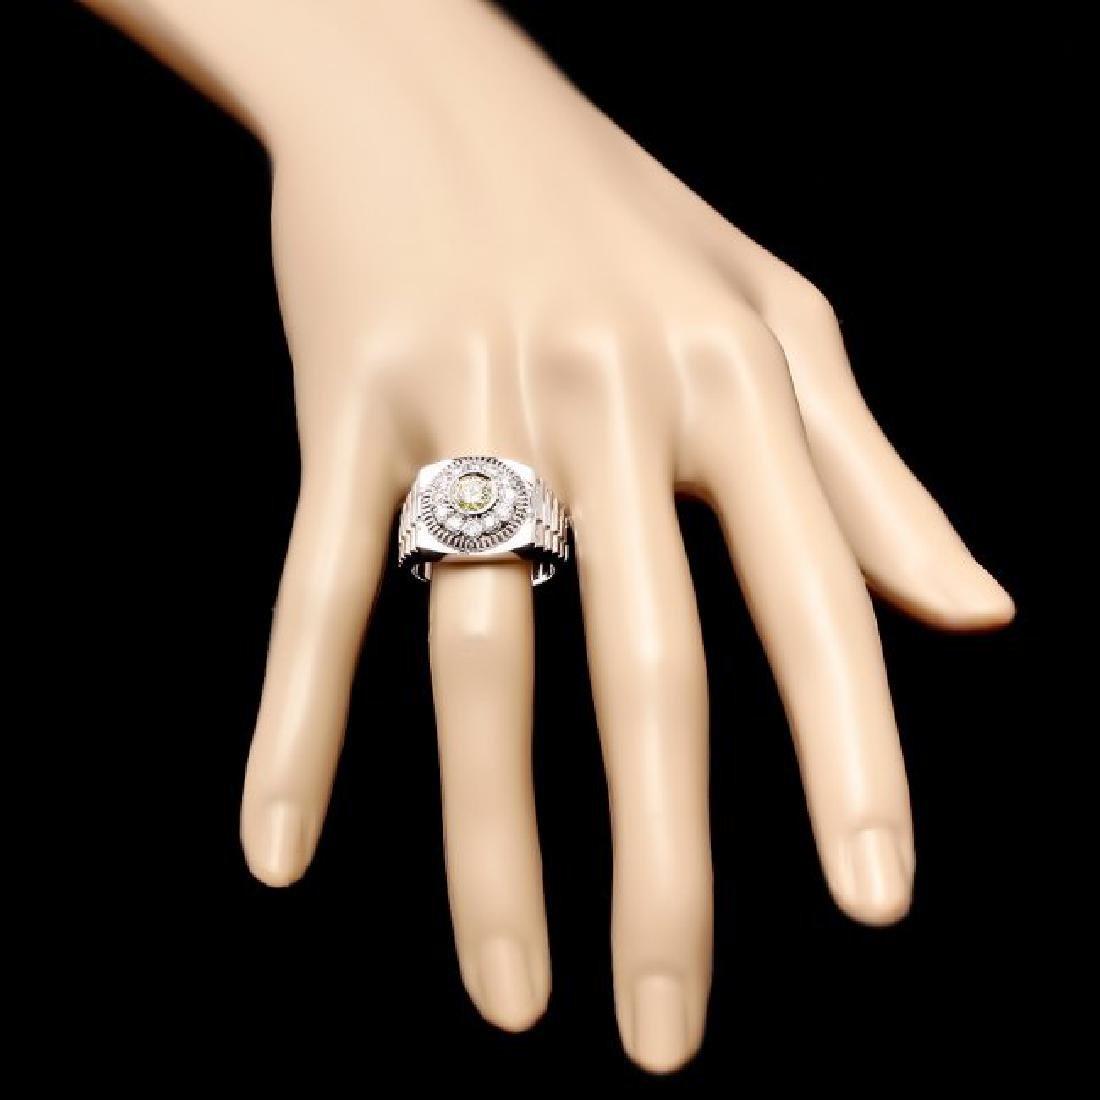 14k White Gold 1.05ct Diamond Ring - 4